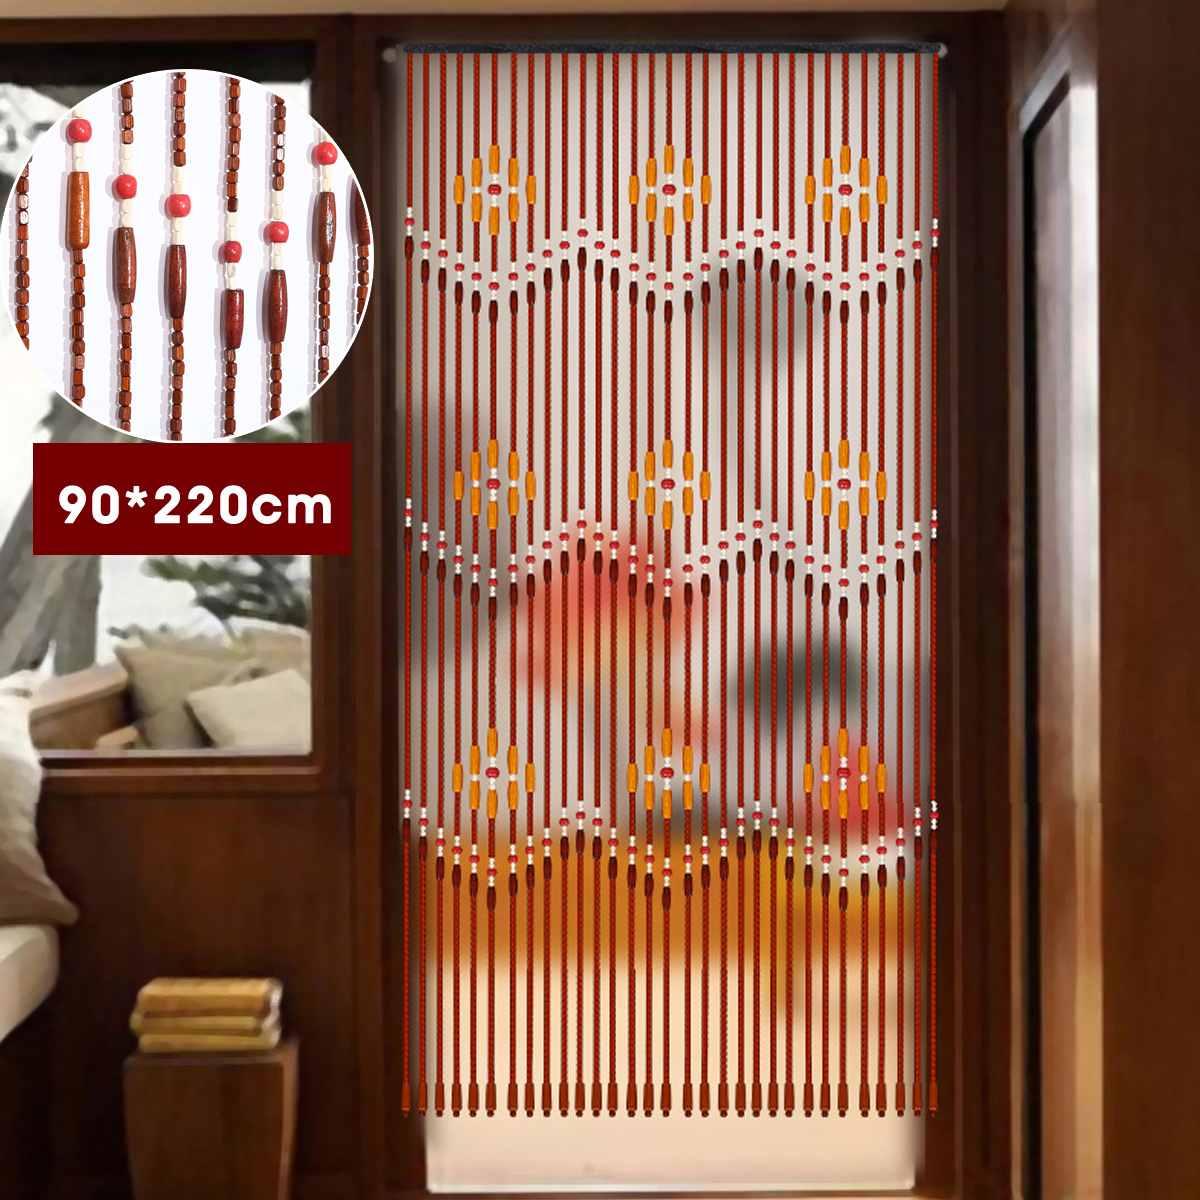 31 линия волна ручная работа муха экран деревянные бусины занавеска 90x220 см деревянная дверь занавеска жалюзи для крыльца спальня перегородк...